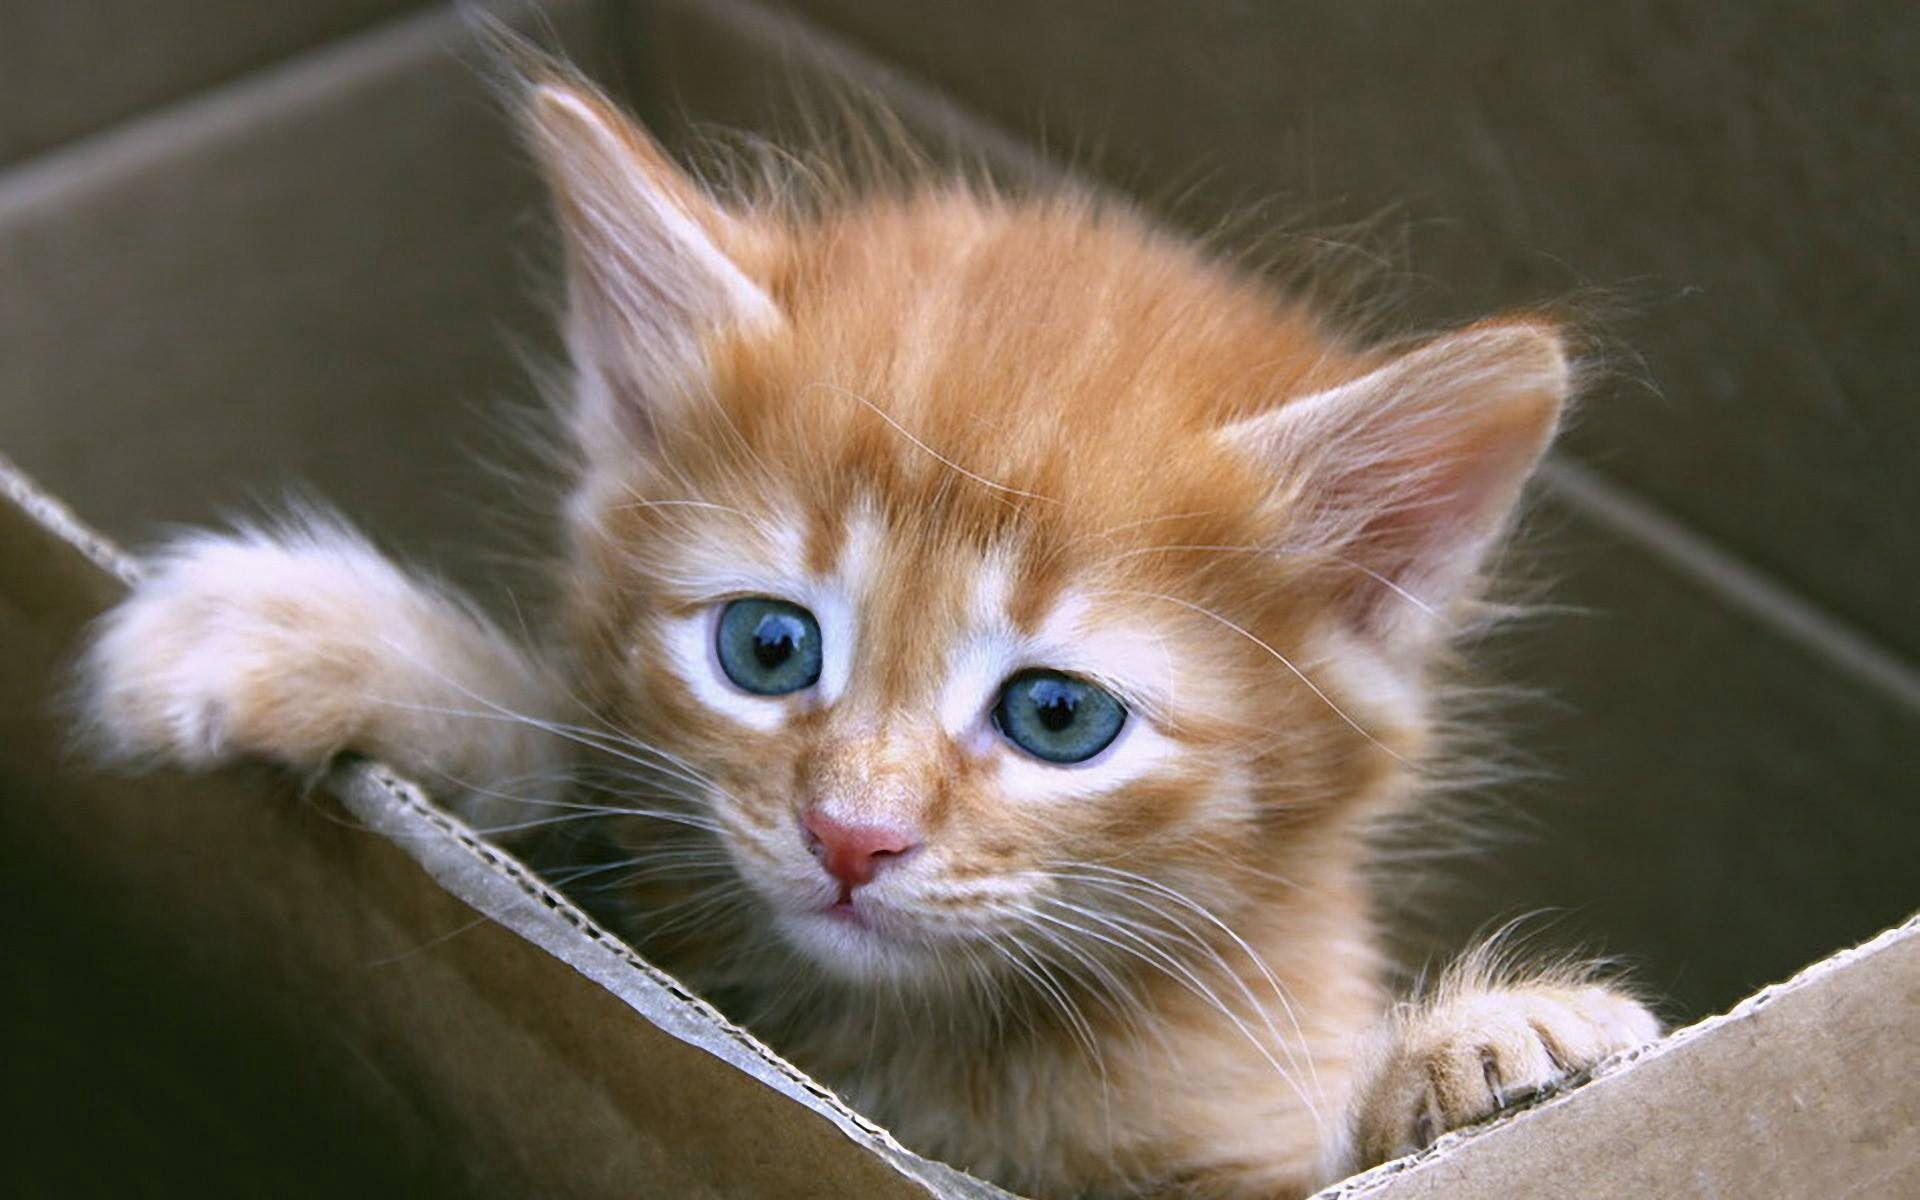 Pin By Talking Smooth Jazz On Favorite Animal Cats Kittens Kittens Cutest Kittens Cute Cats